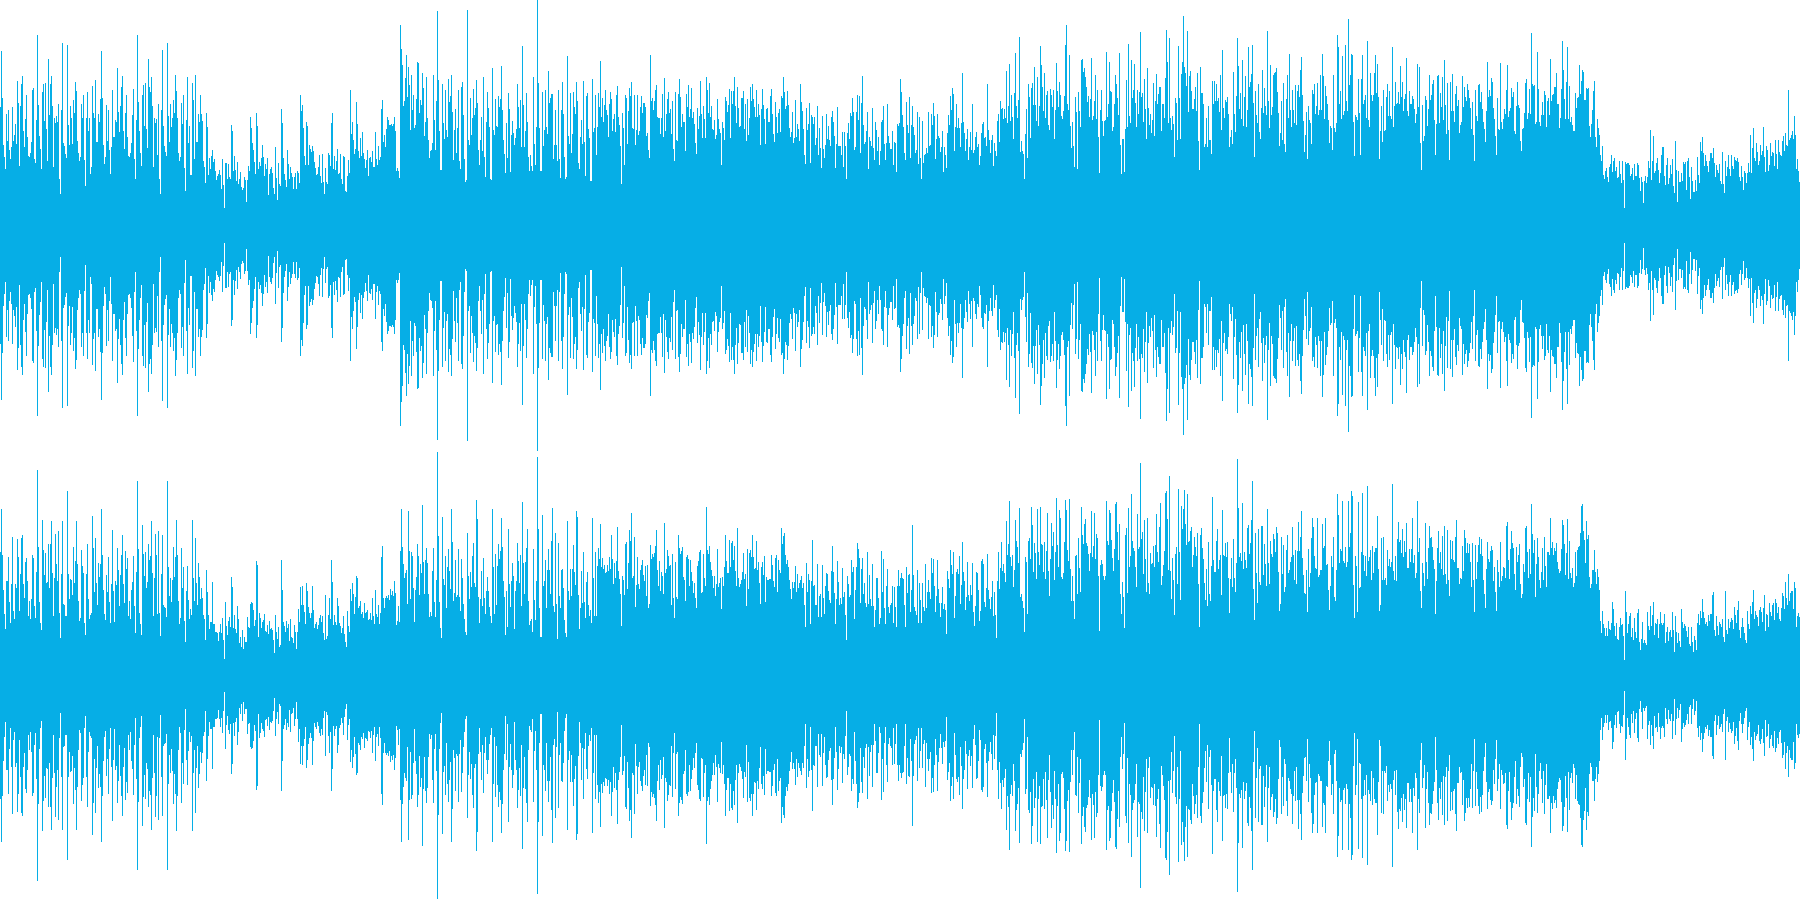 インダストリアルな雰囲気のテクノループの再生済みの波形